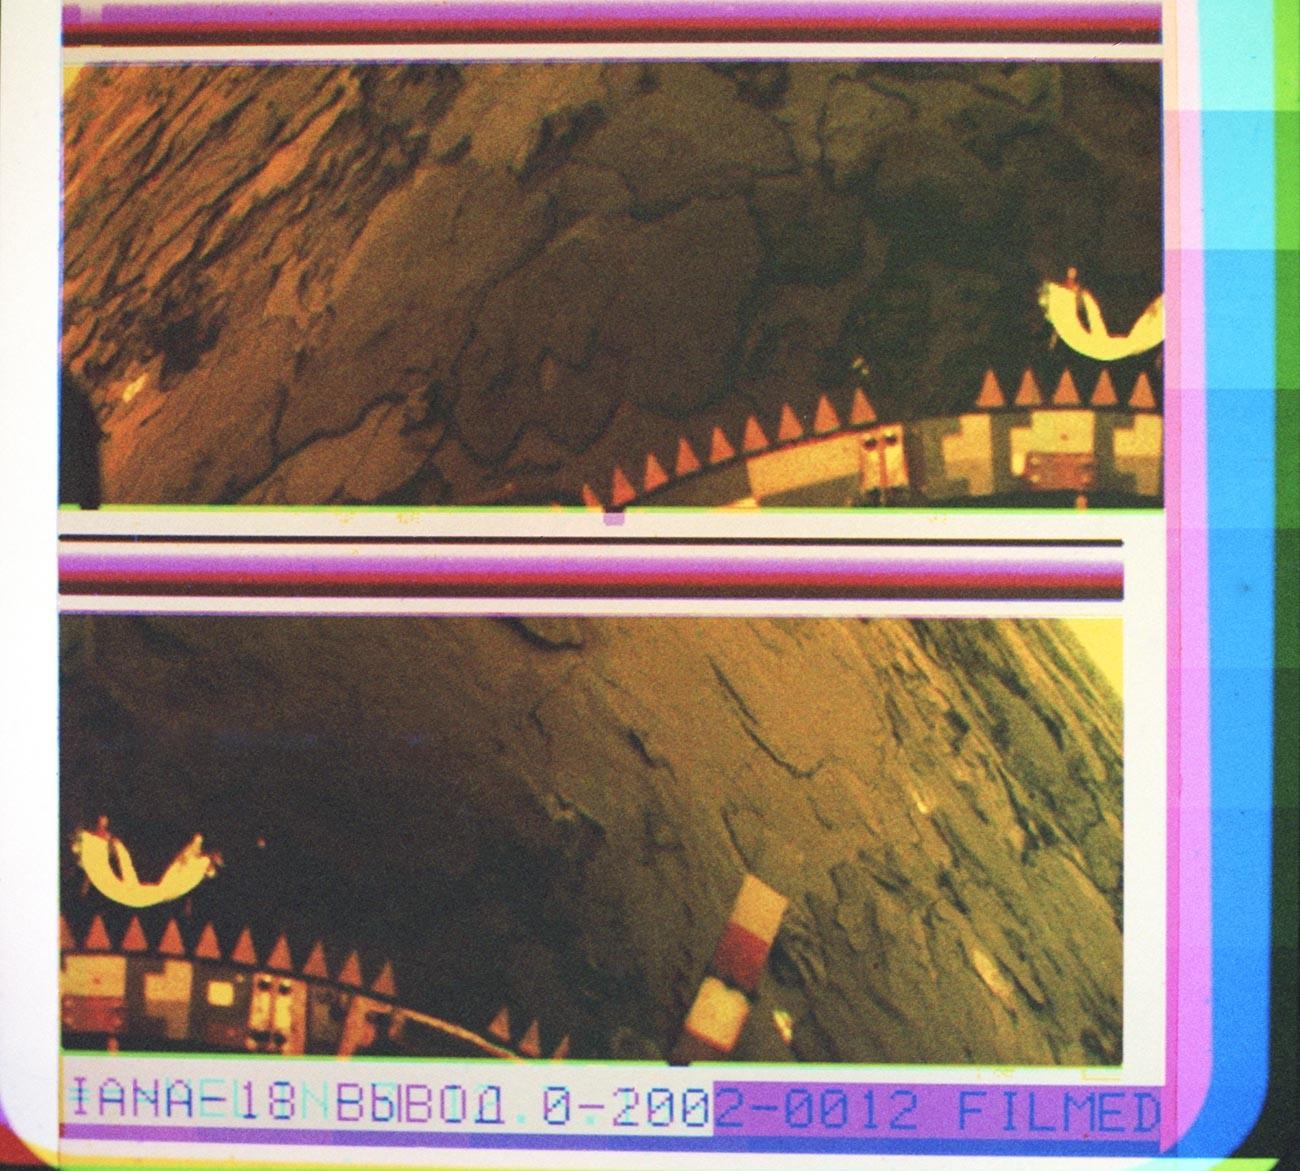 Panoramska fotografija u boji površine Venere, poslana sa sonde